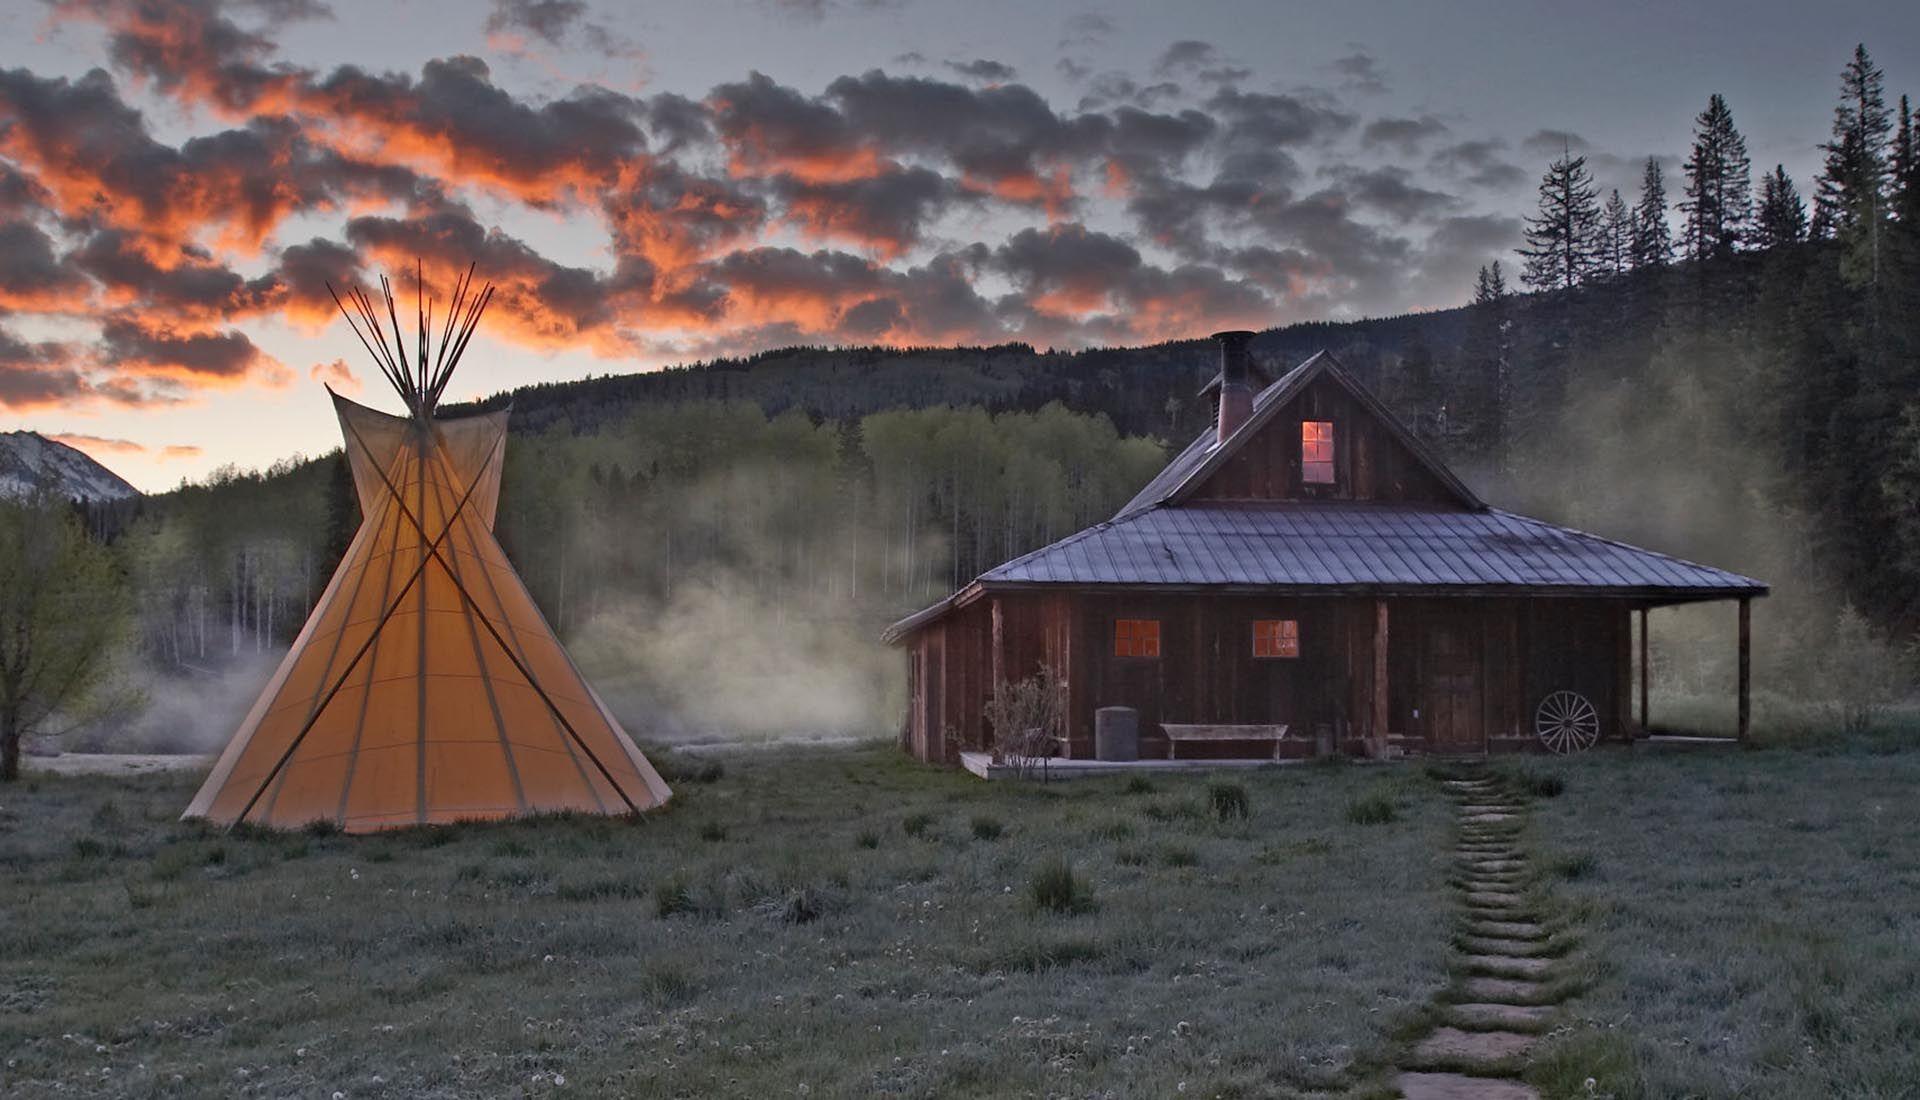 DUNTON HOT SPRINGS - Dunton, Colorado, USA